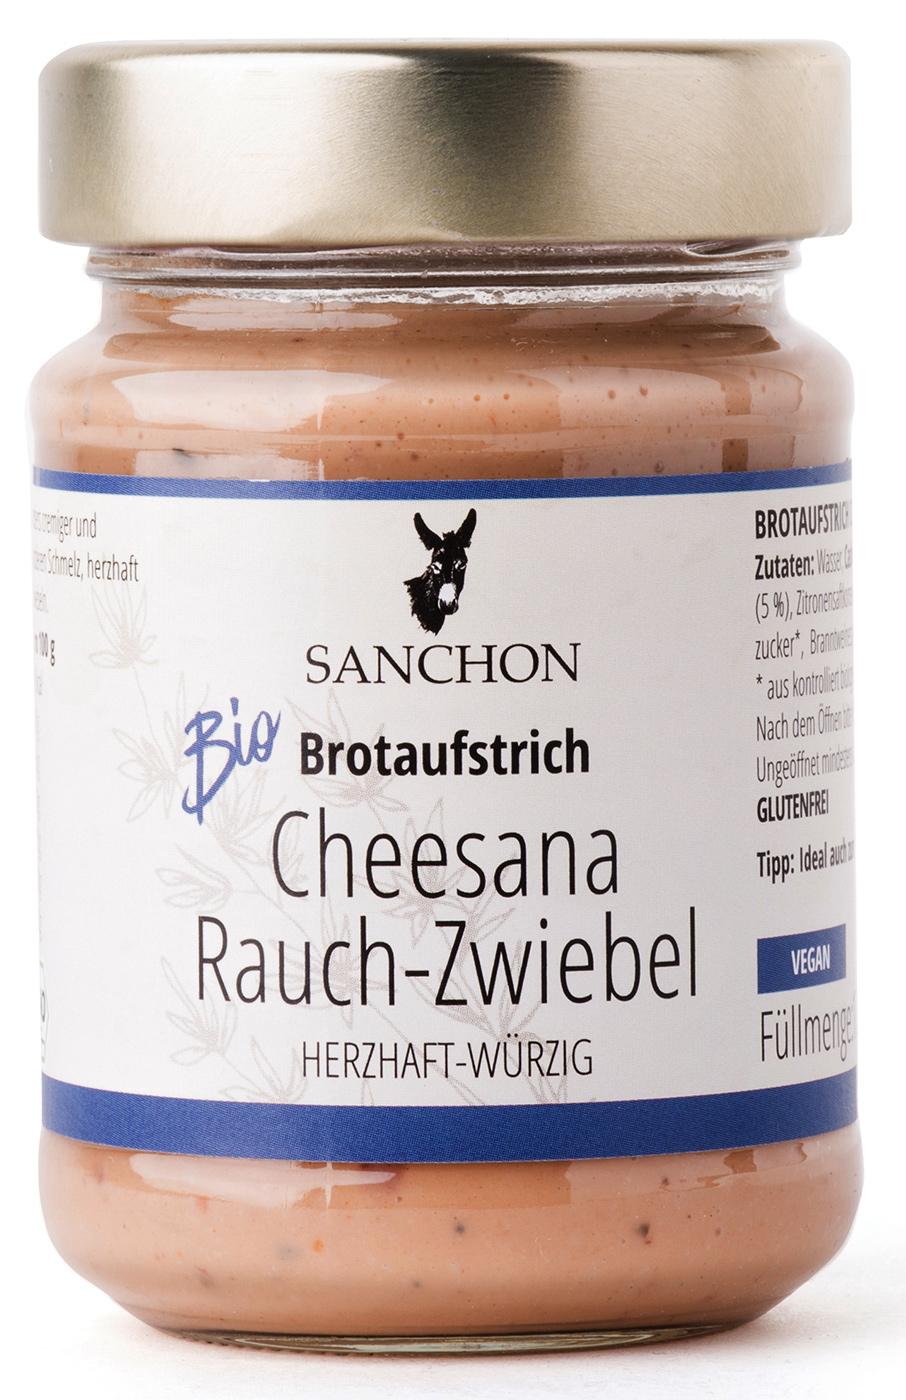 brotaufstrich-cheesana-rauch-zwiebel_web1400.jpg